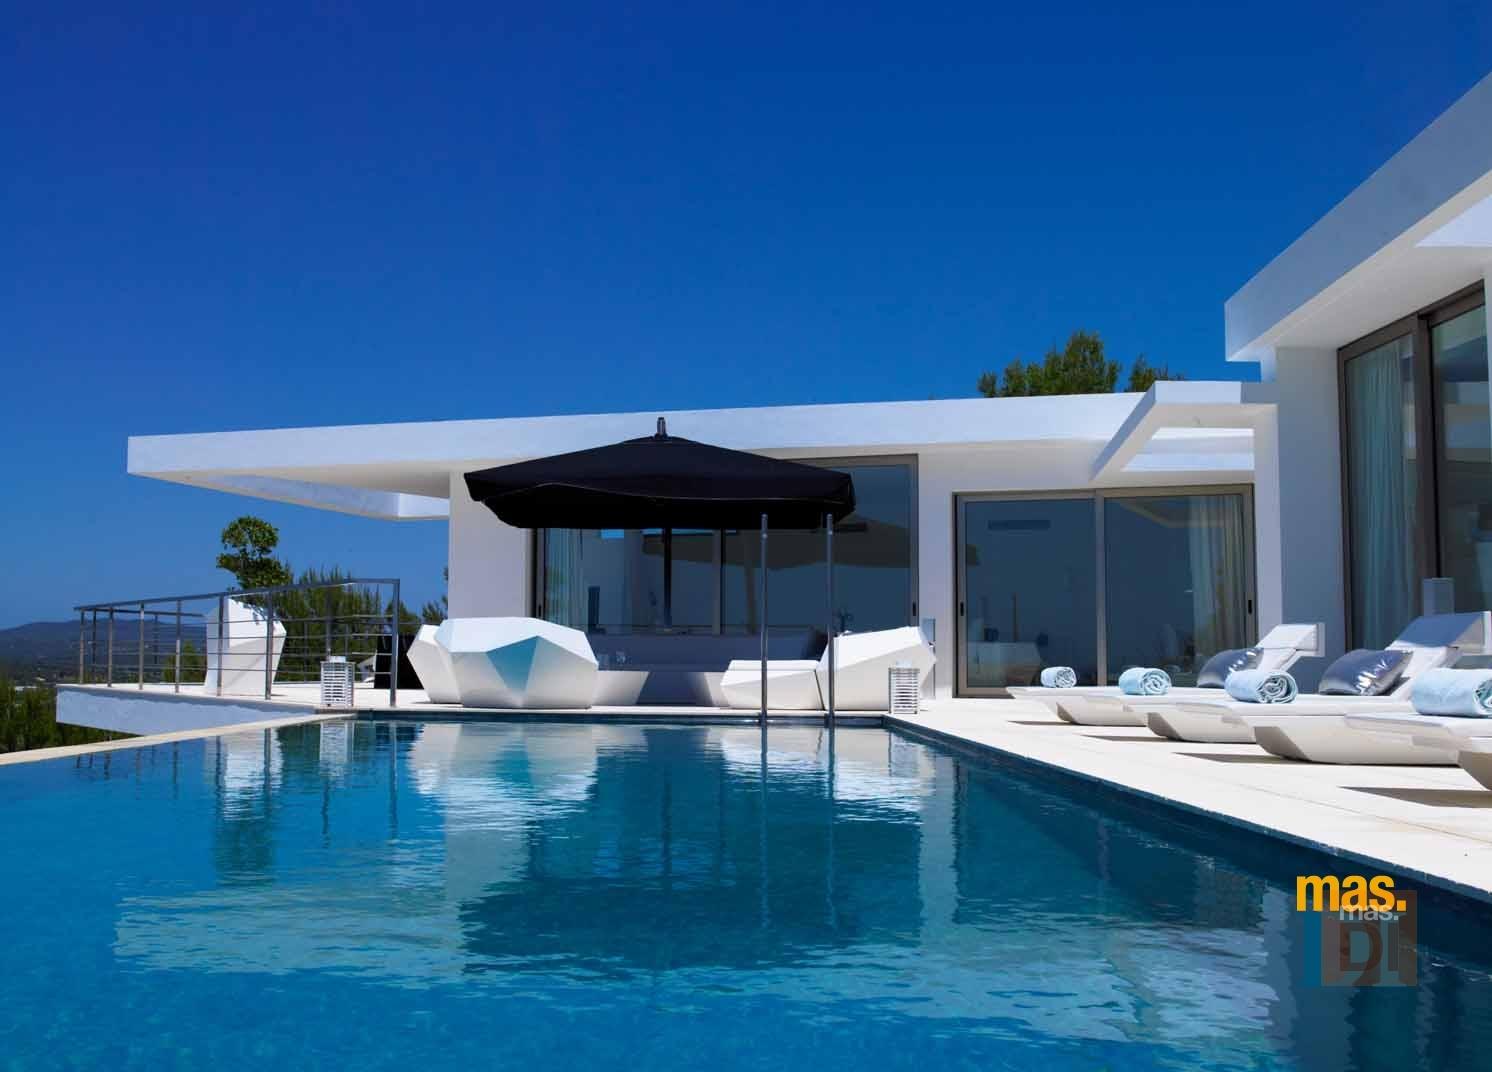 Cómo tener una piscina más sostenible y económica